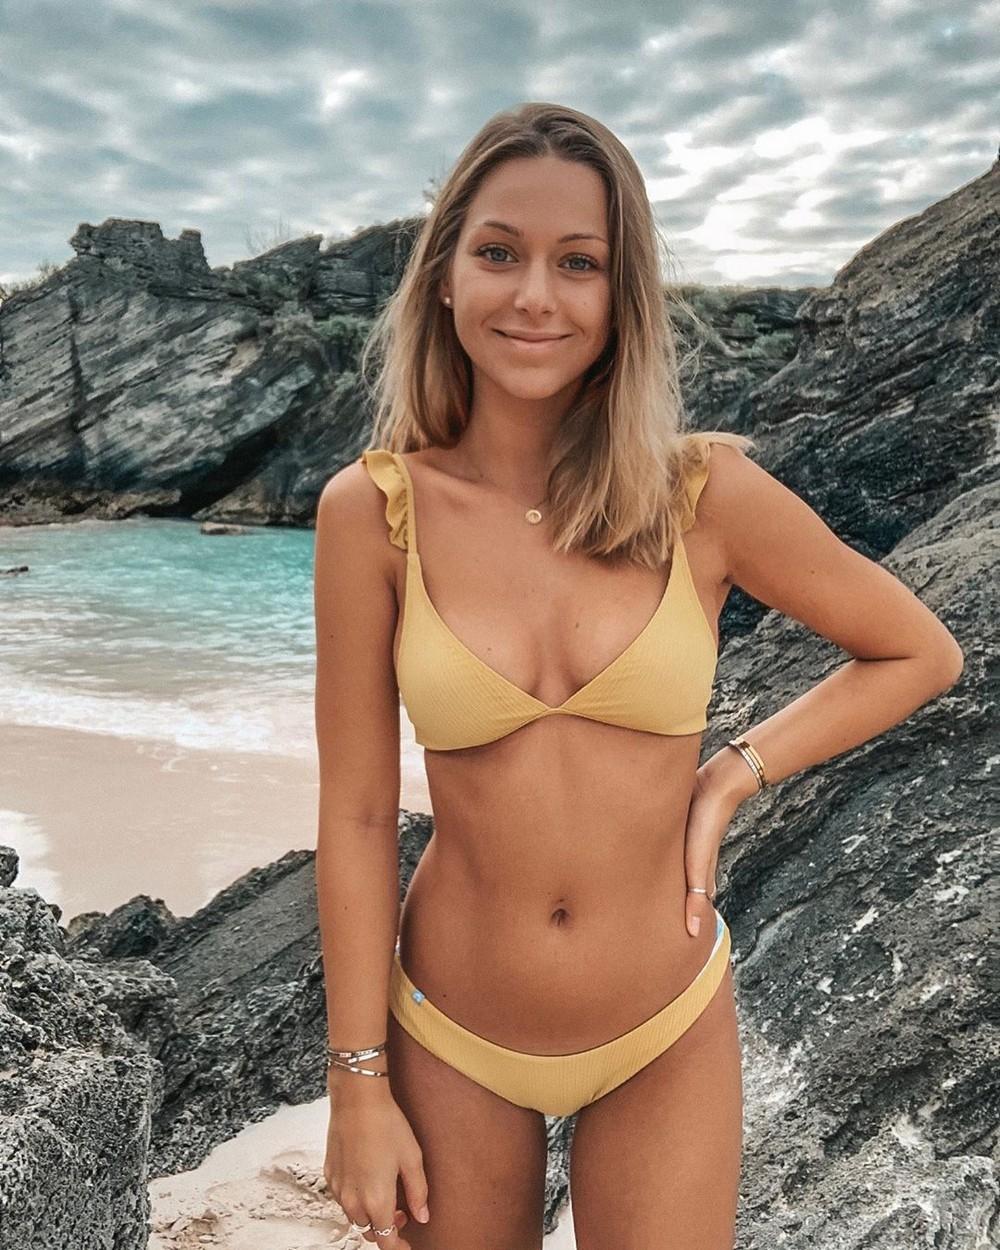 Красивые девушки в купальниках и бикини (ФОТО)